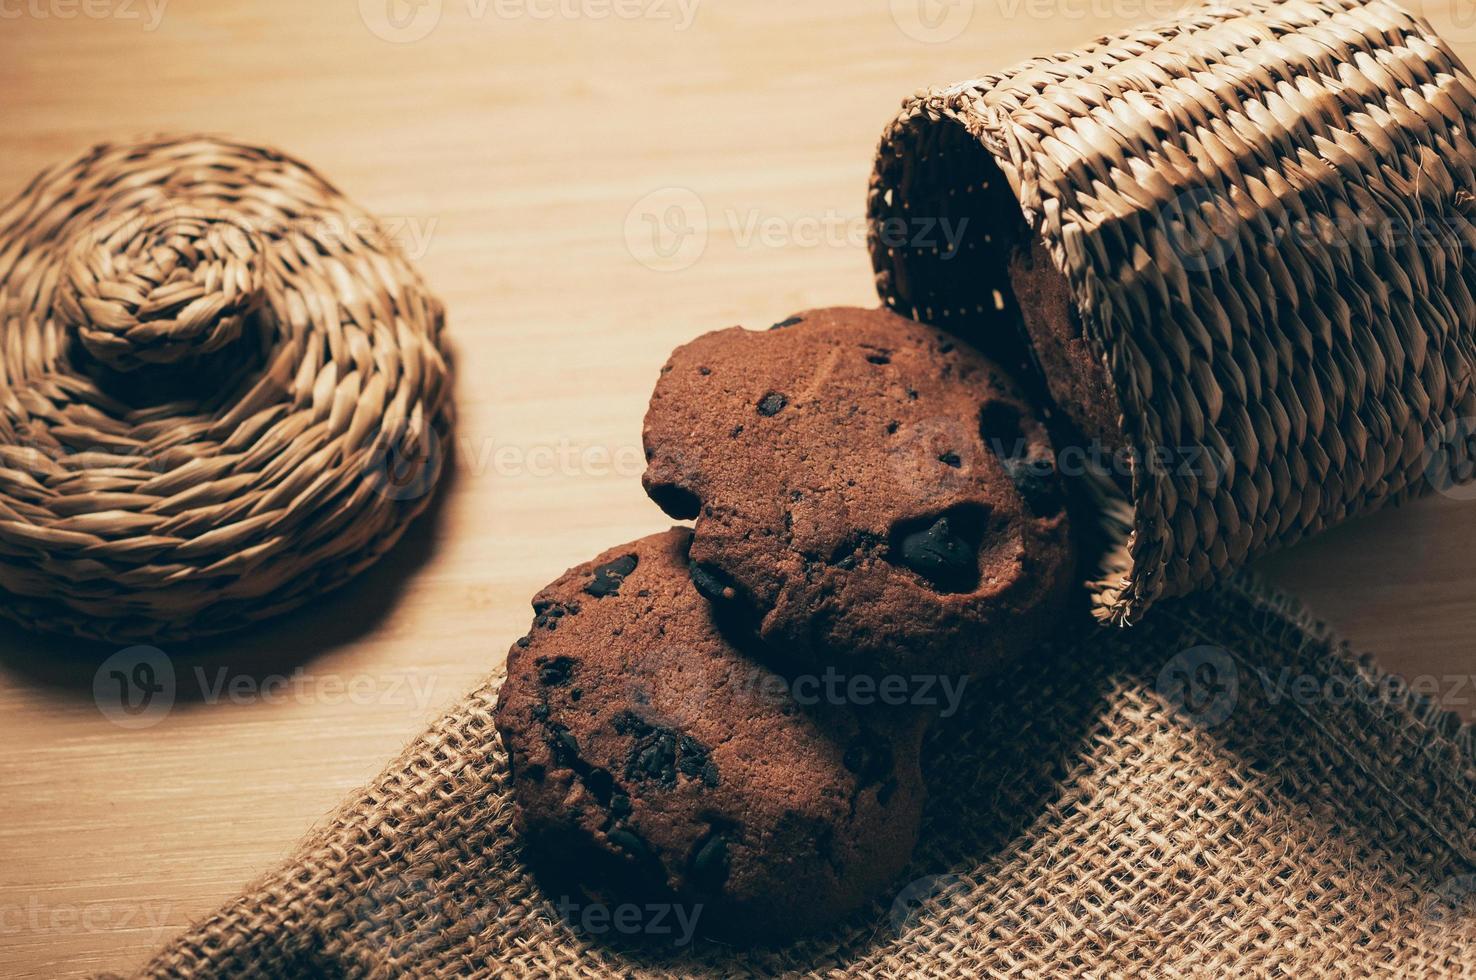 chokladkakor på bordet, dekorativt upplägg foto